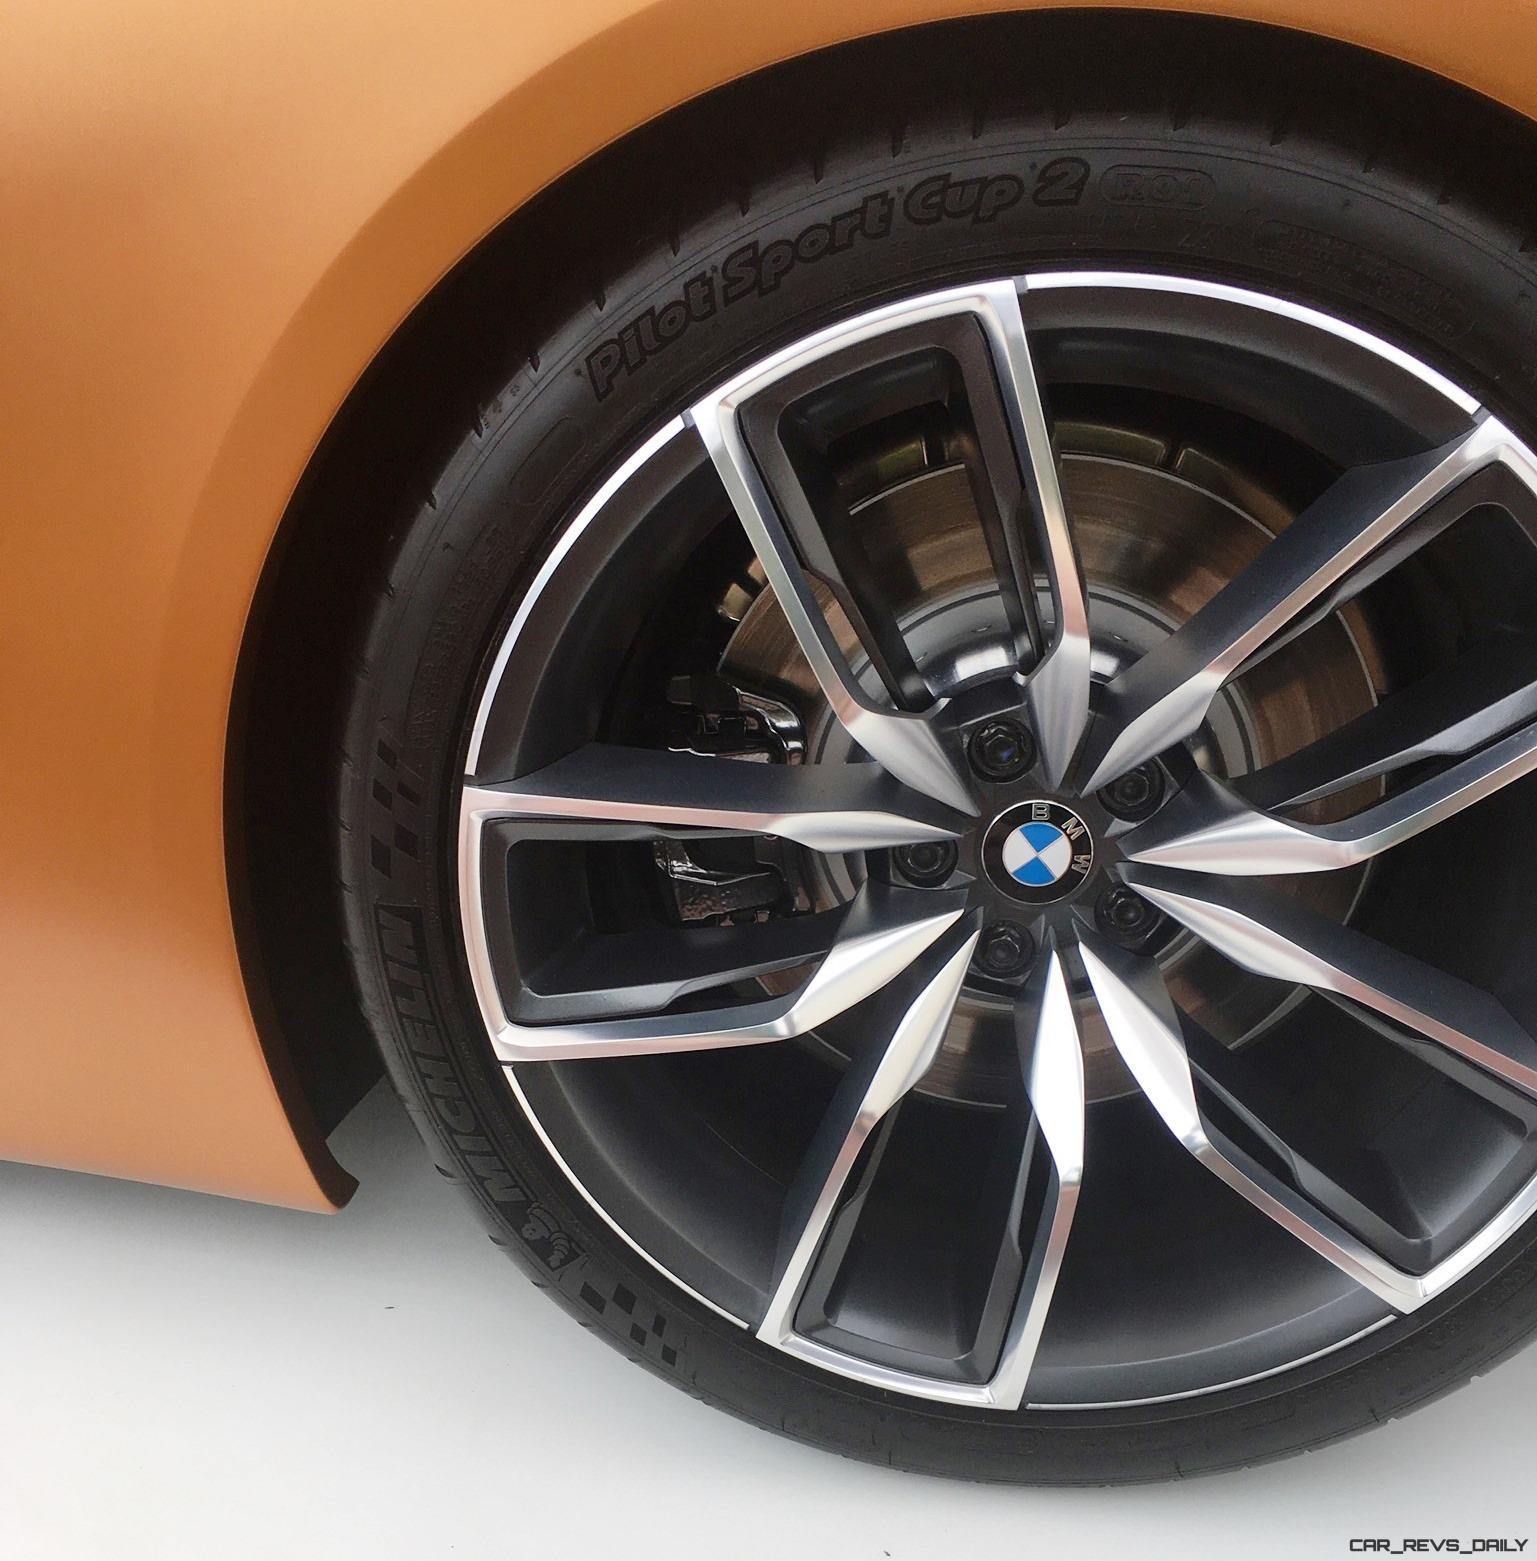 2017 Bmw Z4: 2017 BMW Z4 Concept By James Crabtree 15